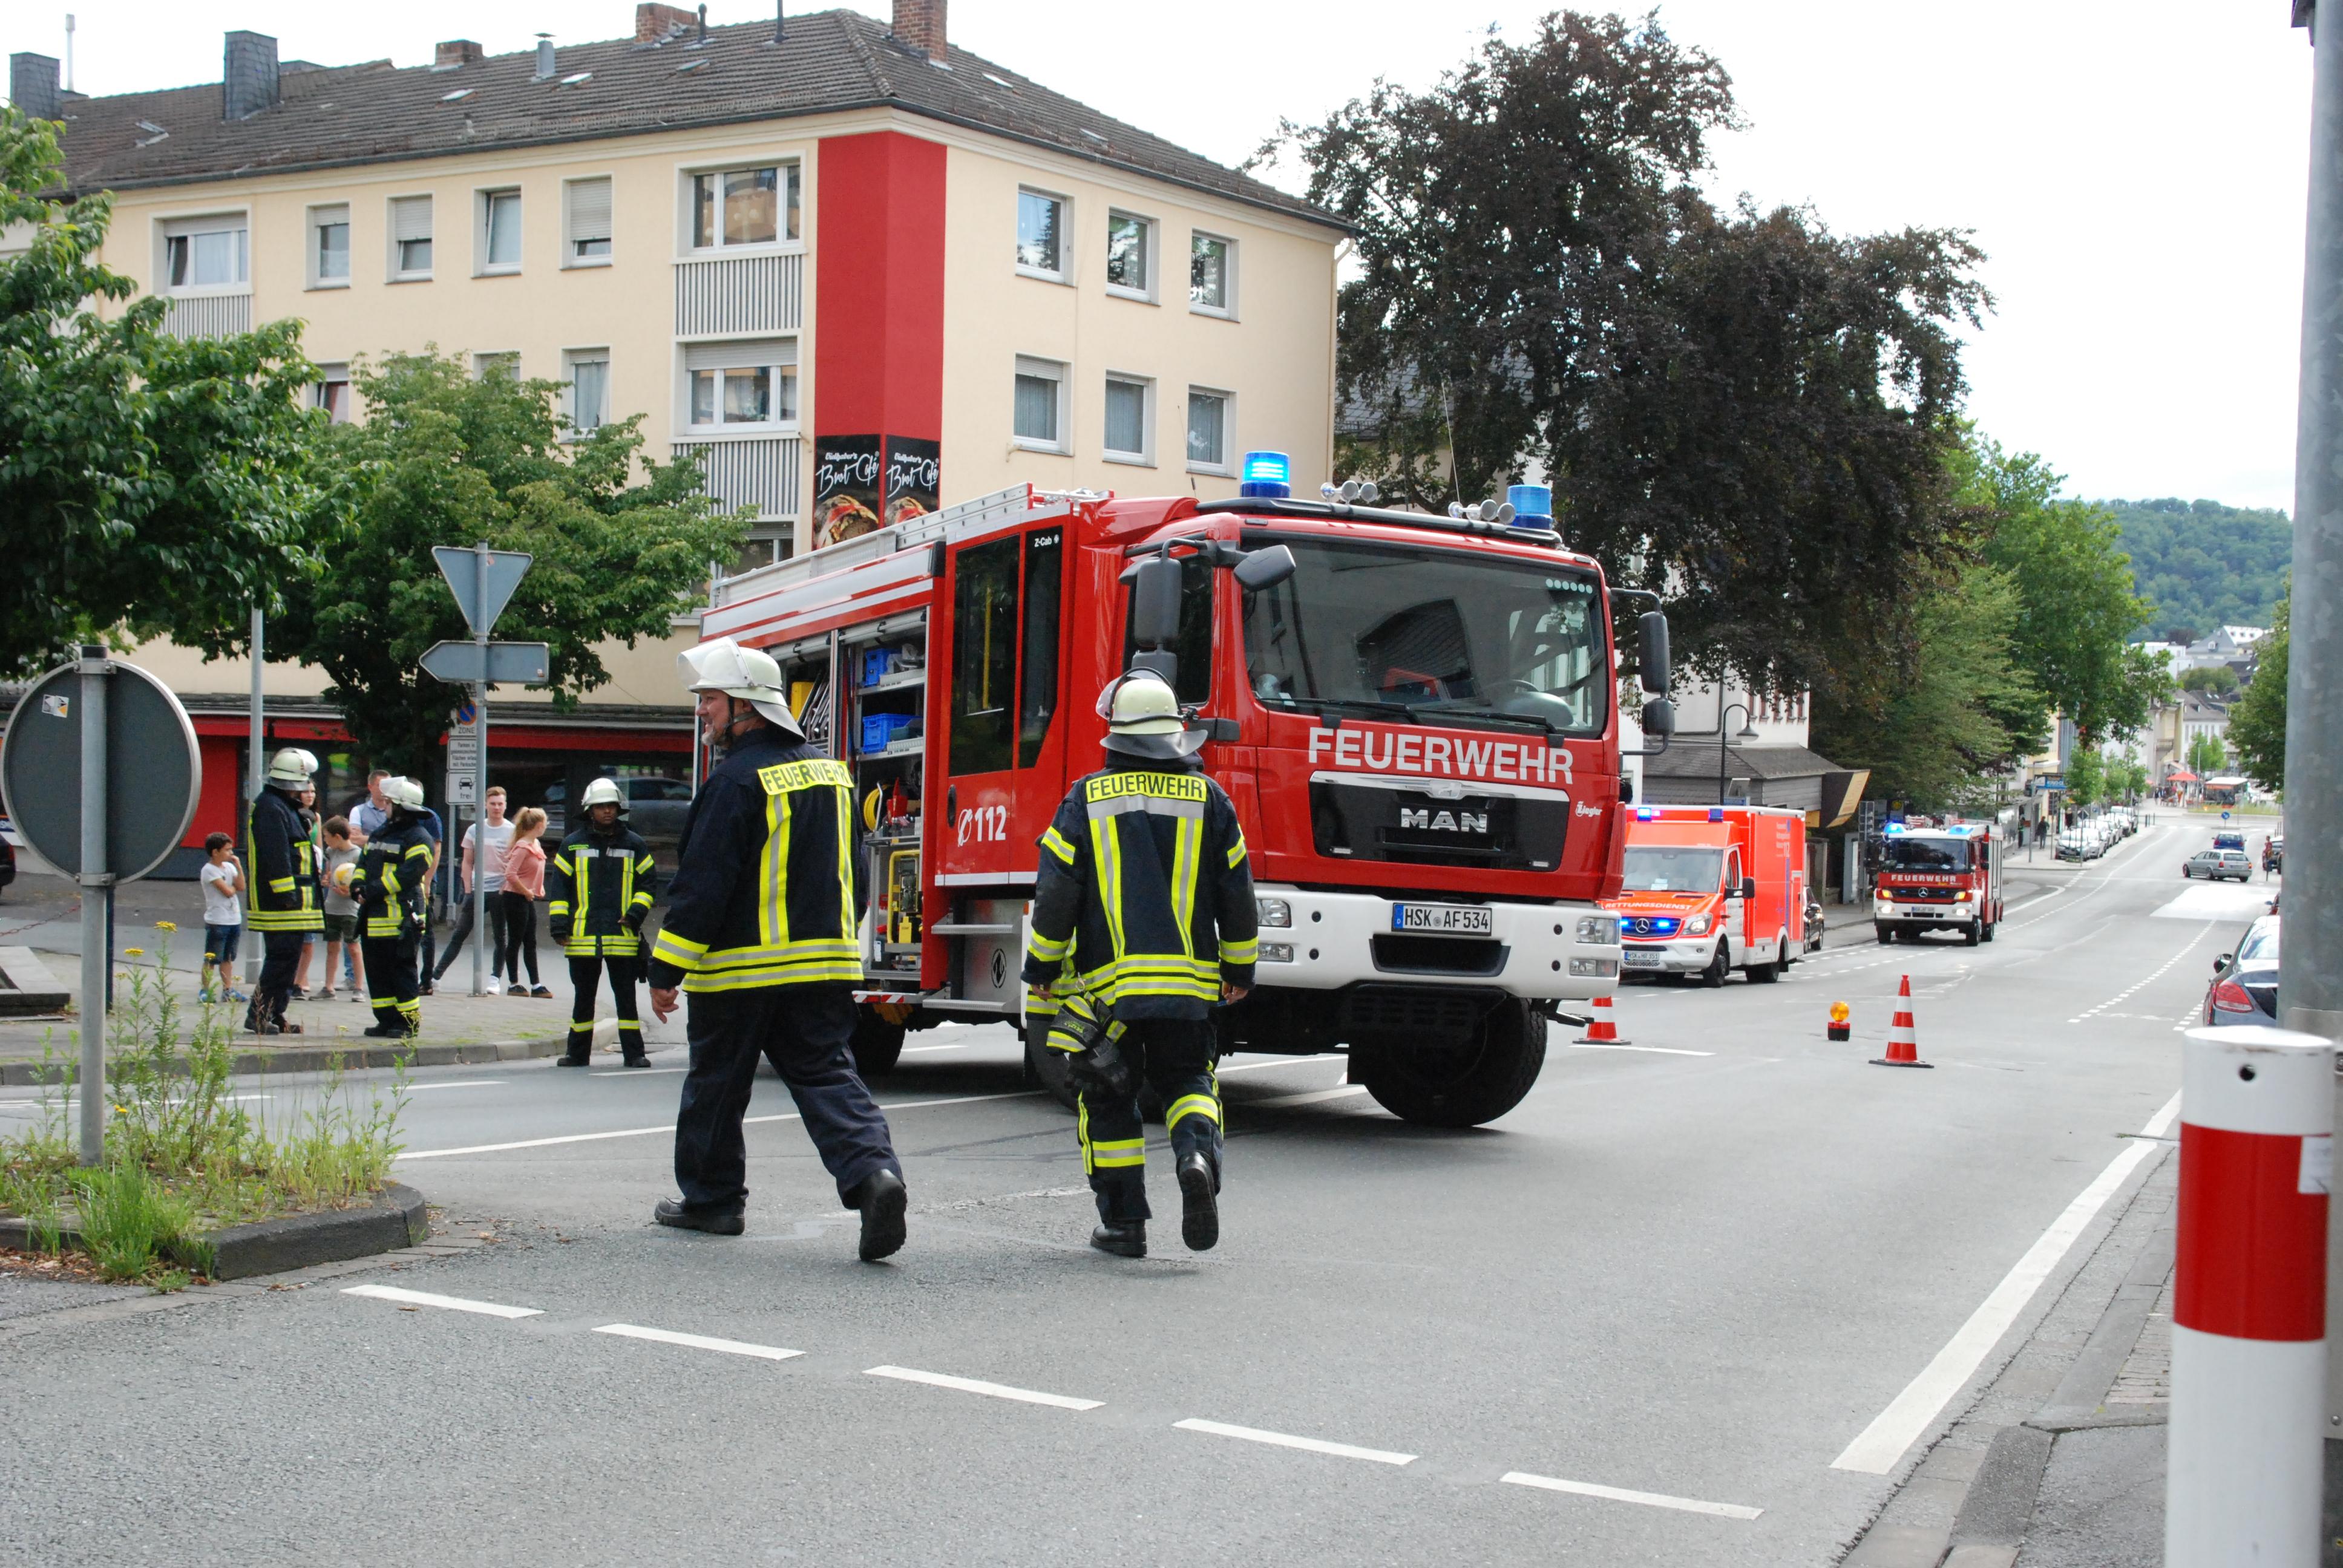 Bensheim Feuerwehreinsatz